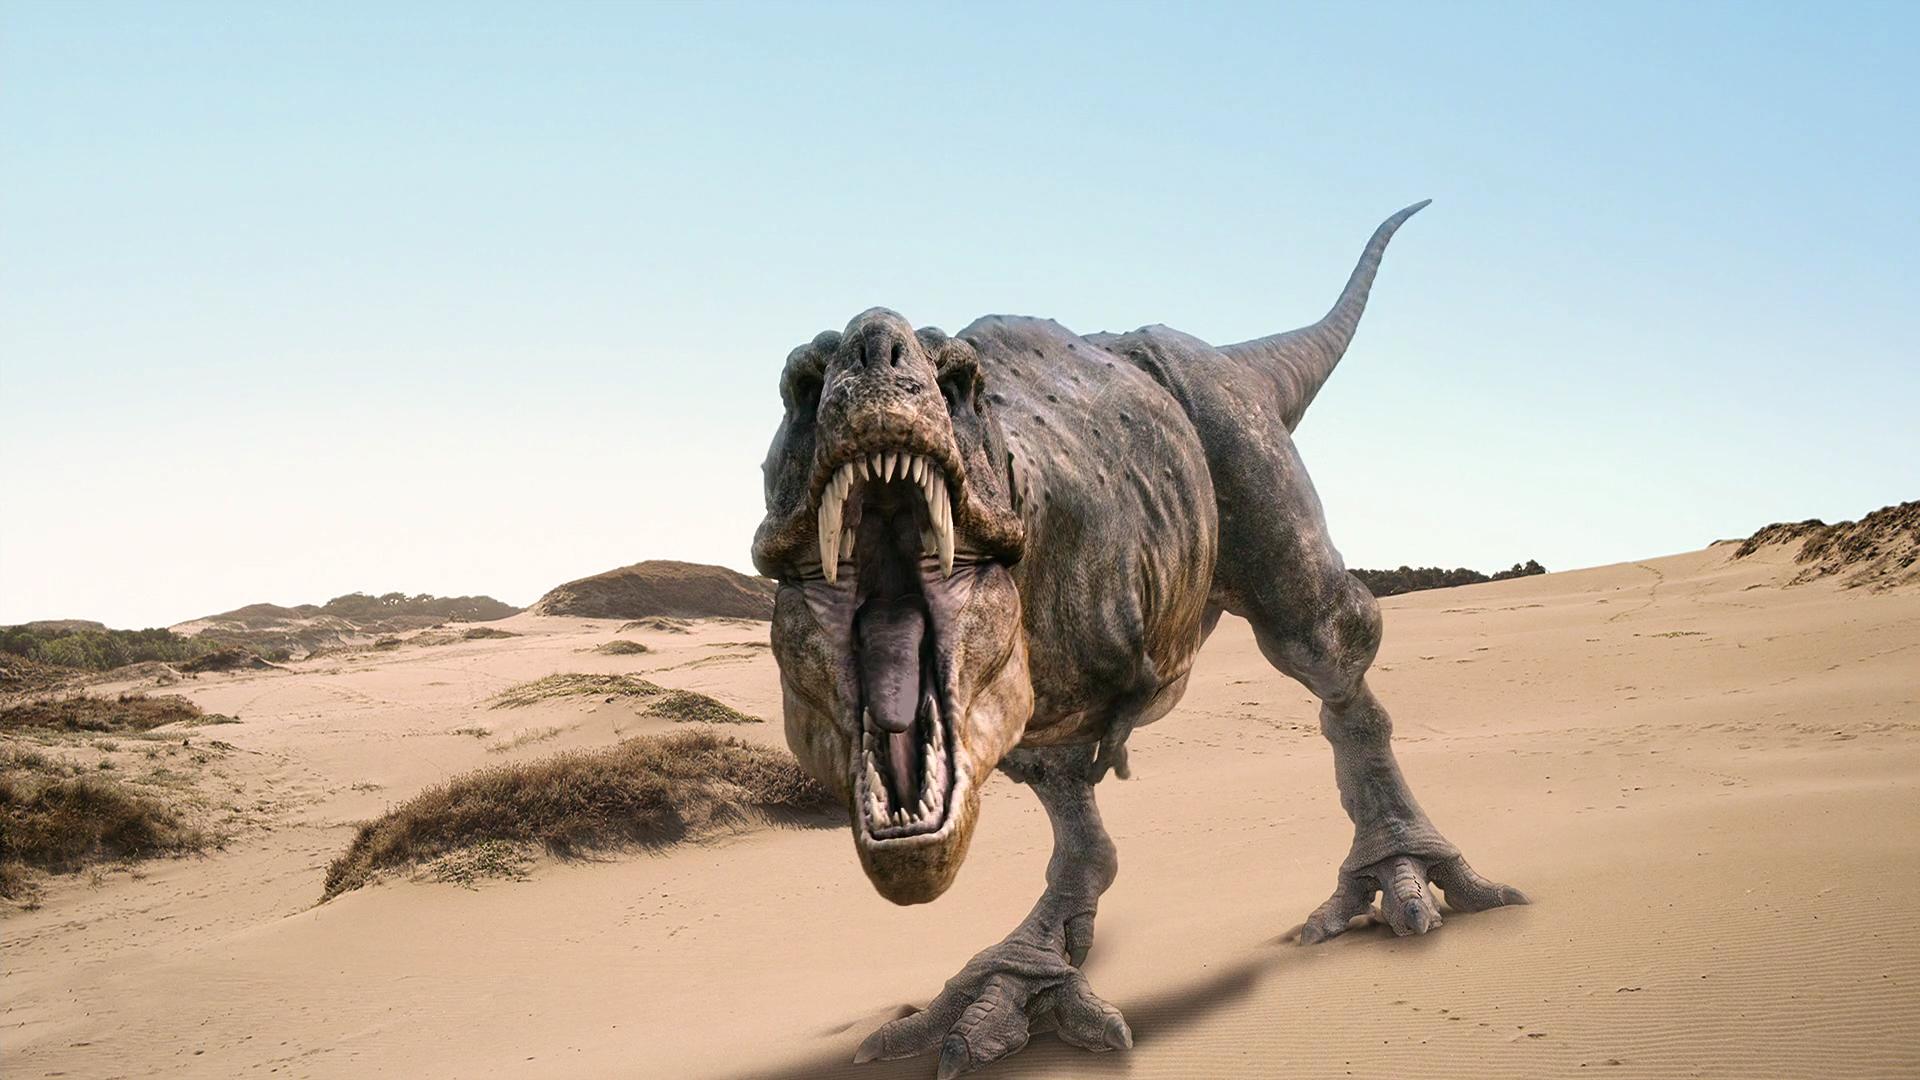 Setiim fotoraflar Dinozor 1920x1080